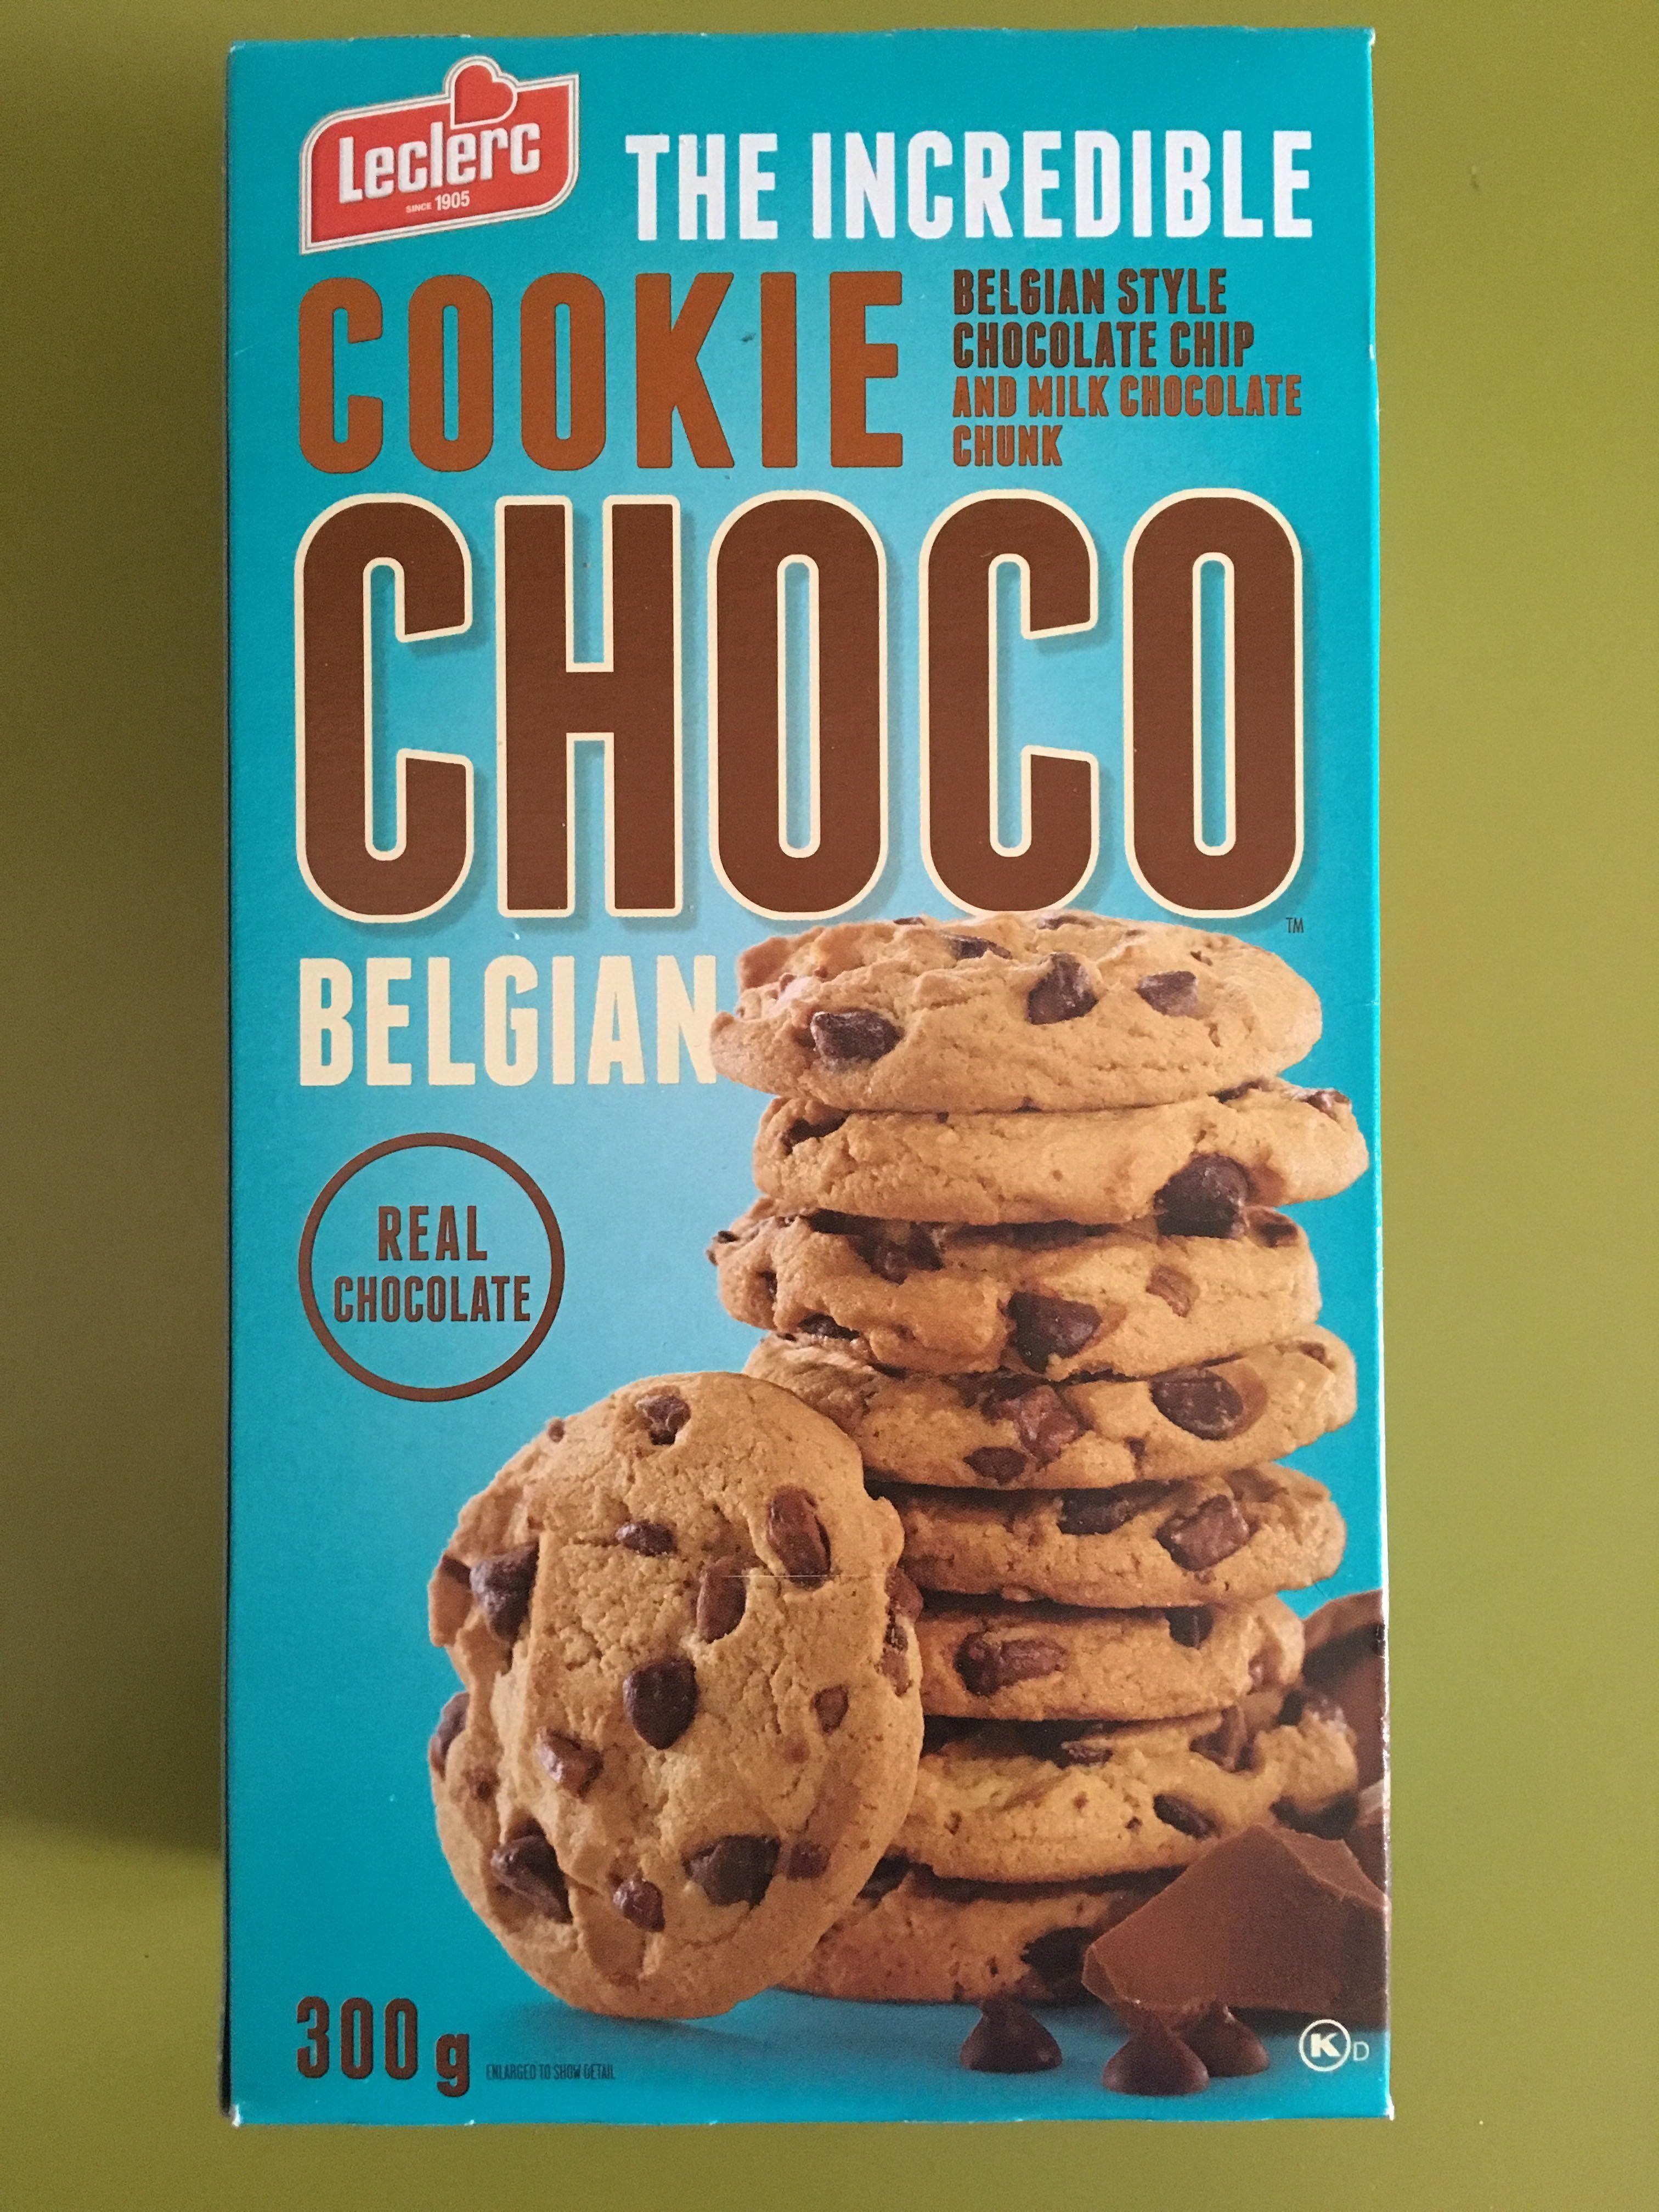 Cookie Choco Belgian - Product - en